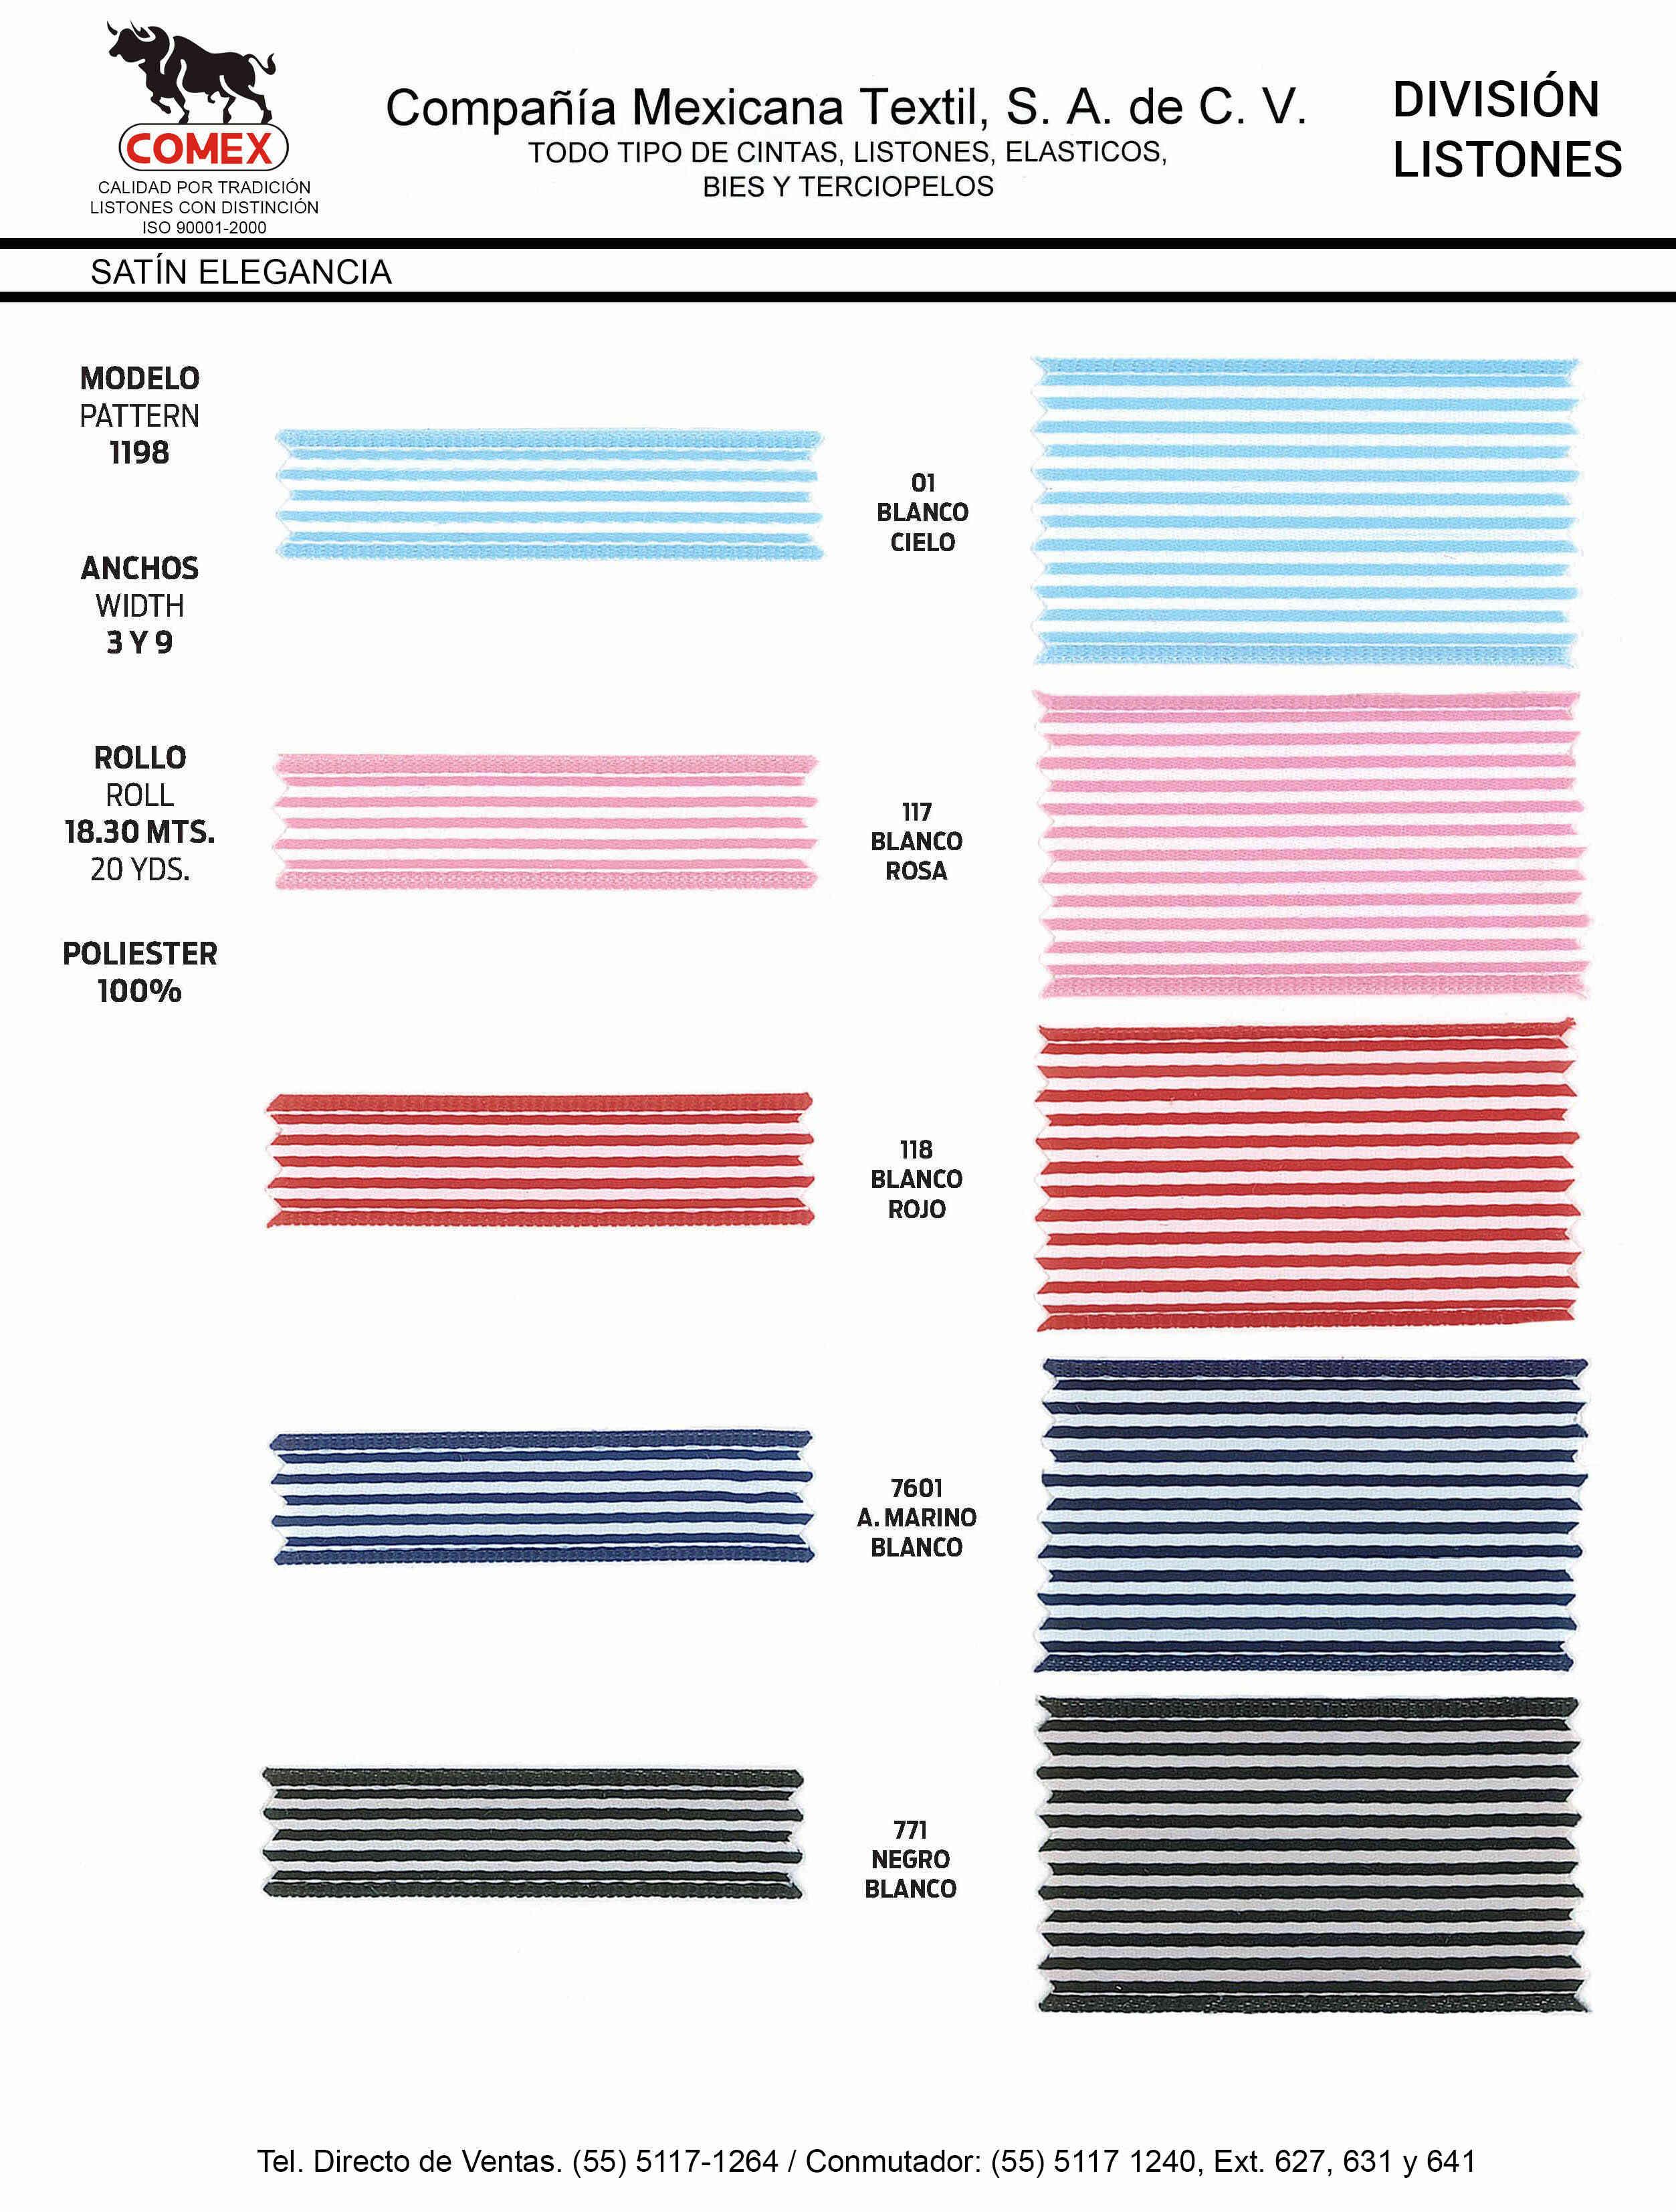 Anchos y Colores de Liston Mod.1198 18.30 Mt.